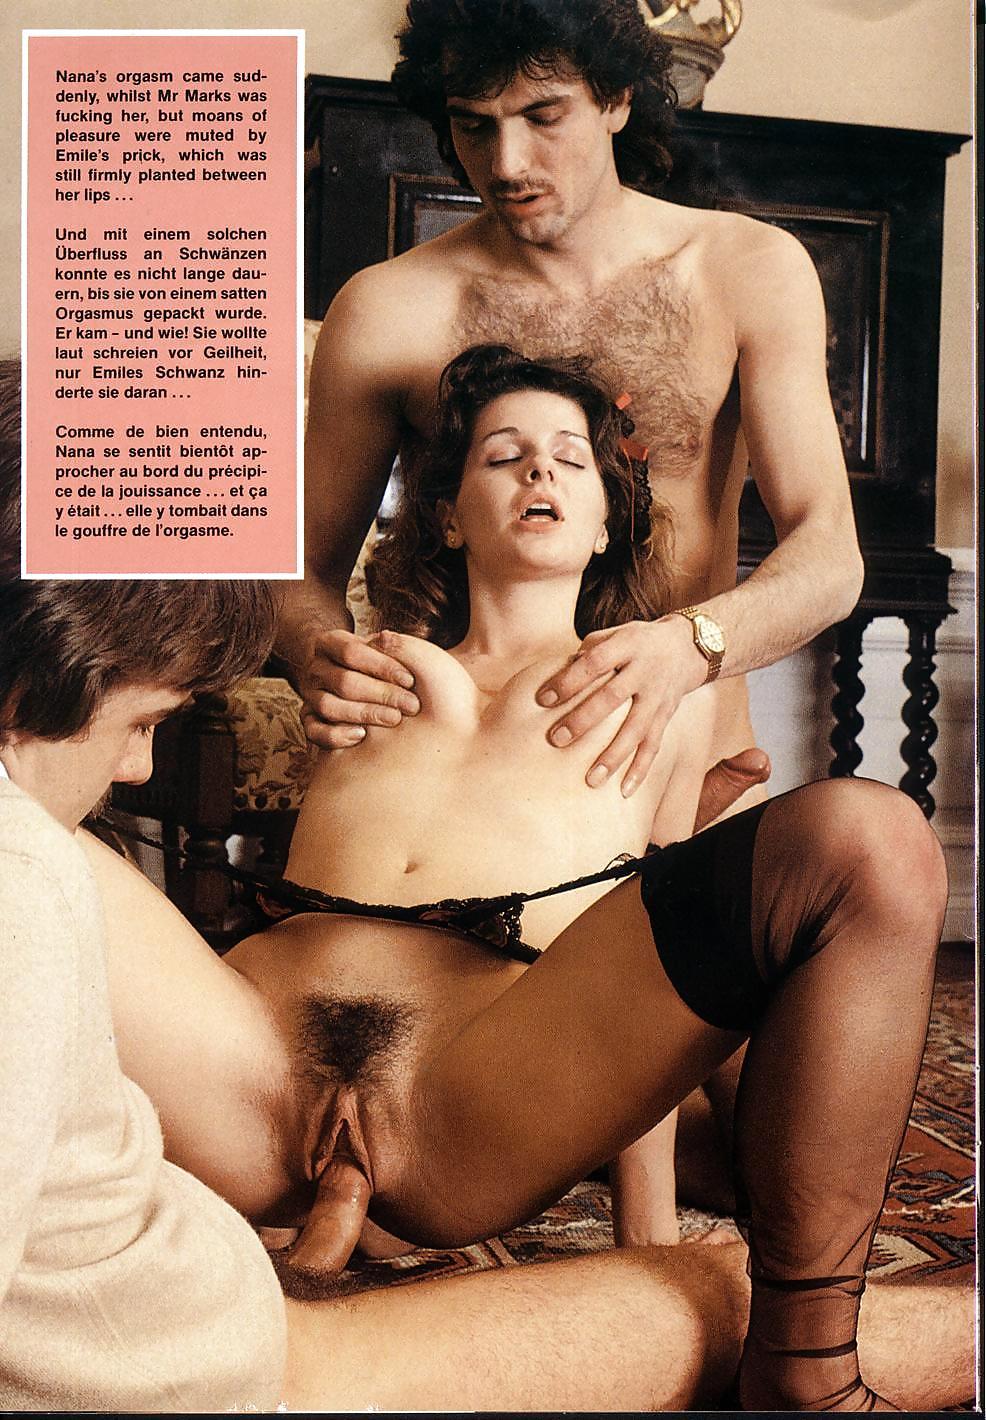 Молодых голые женщины фото с порножурналов порно